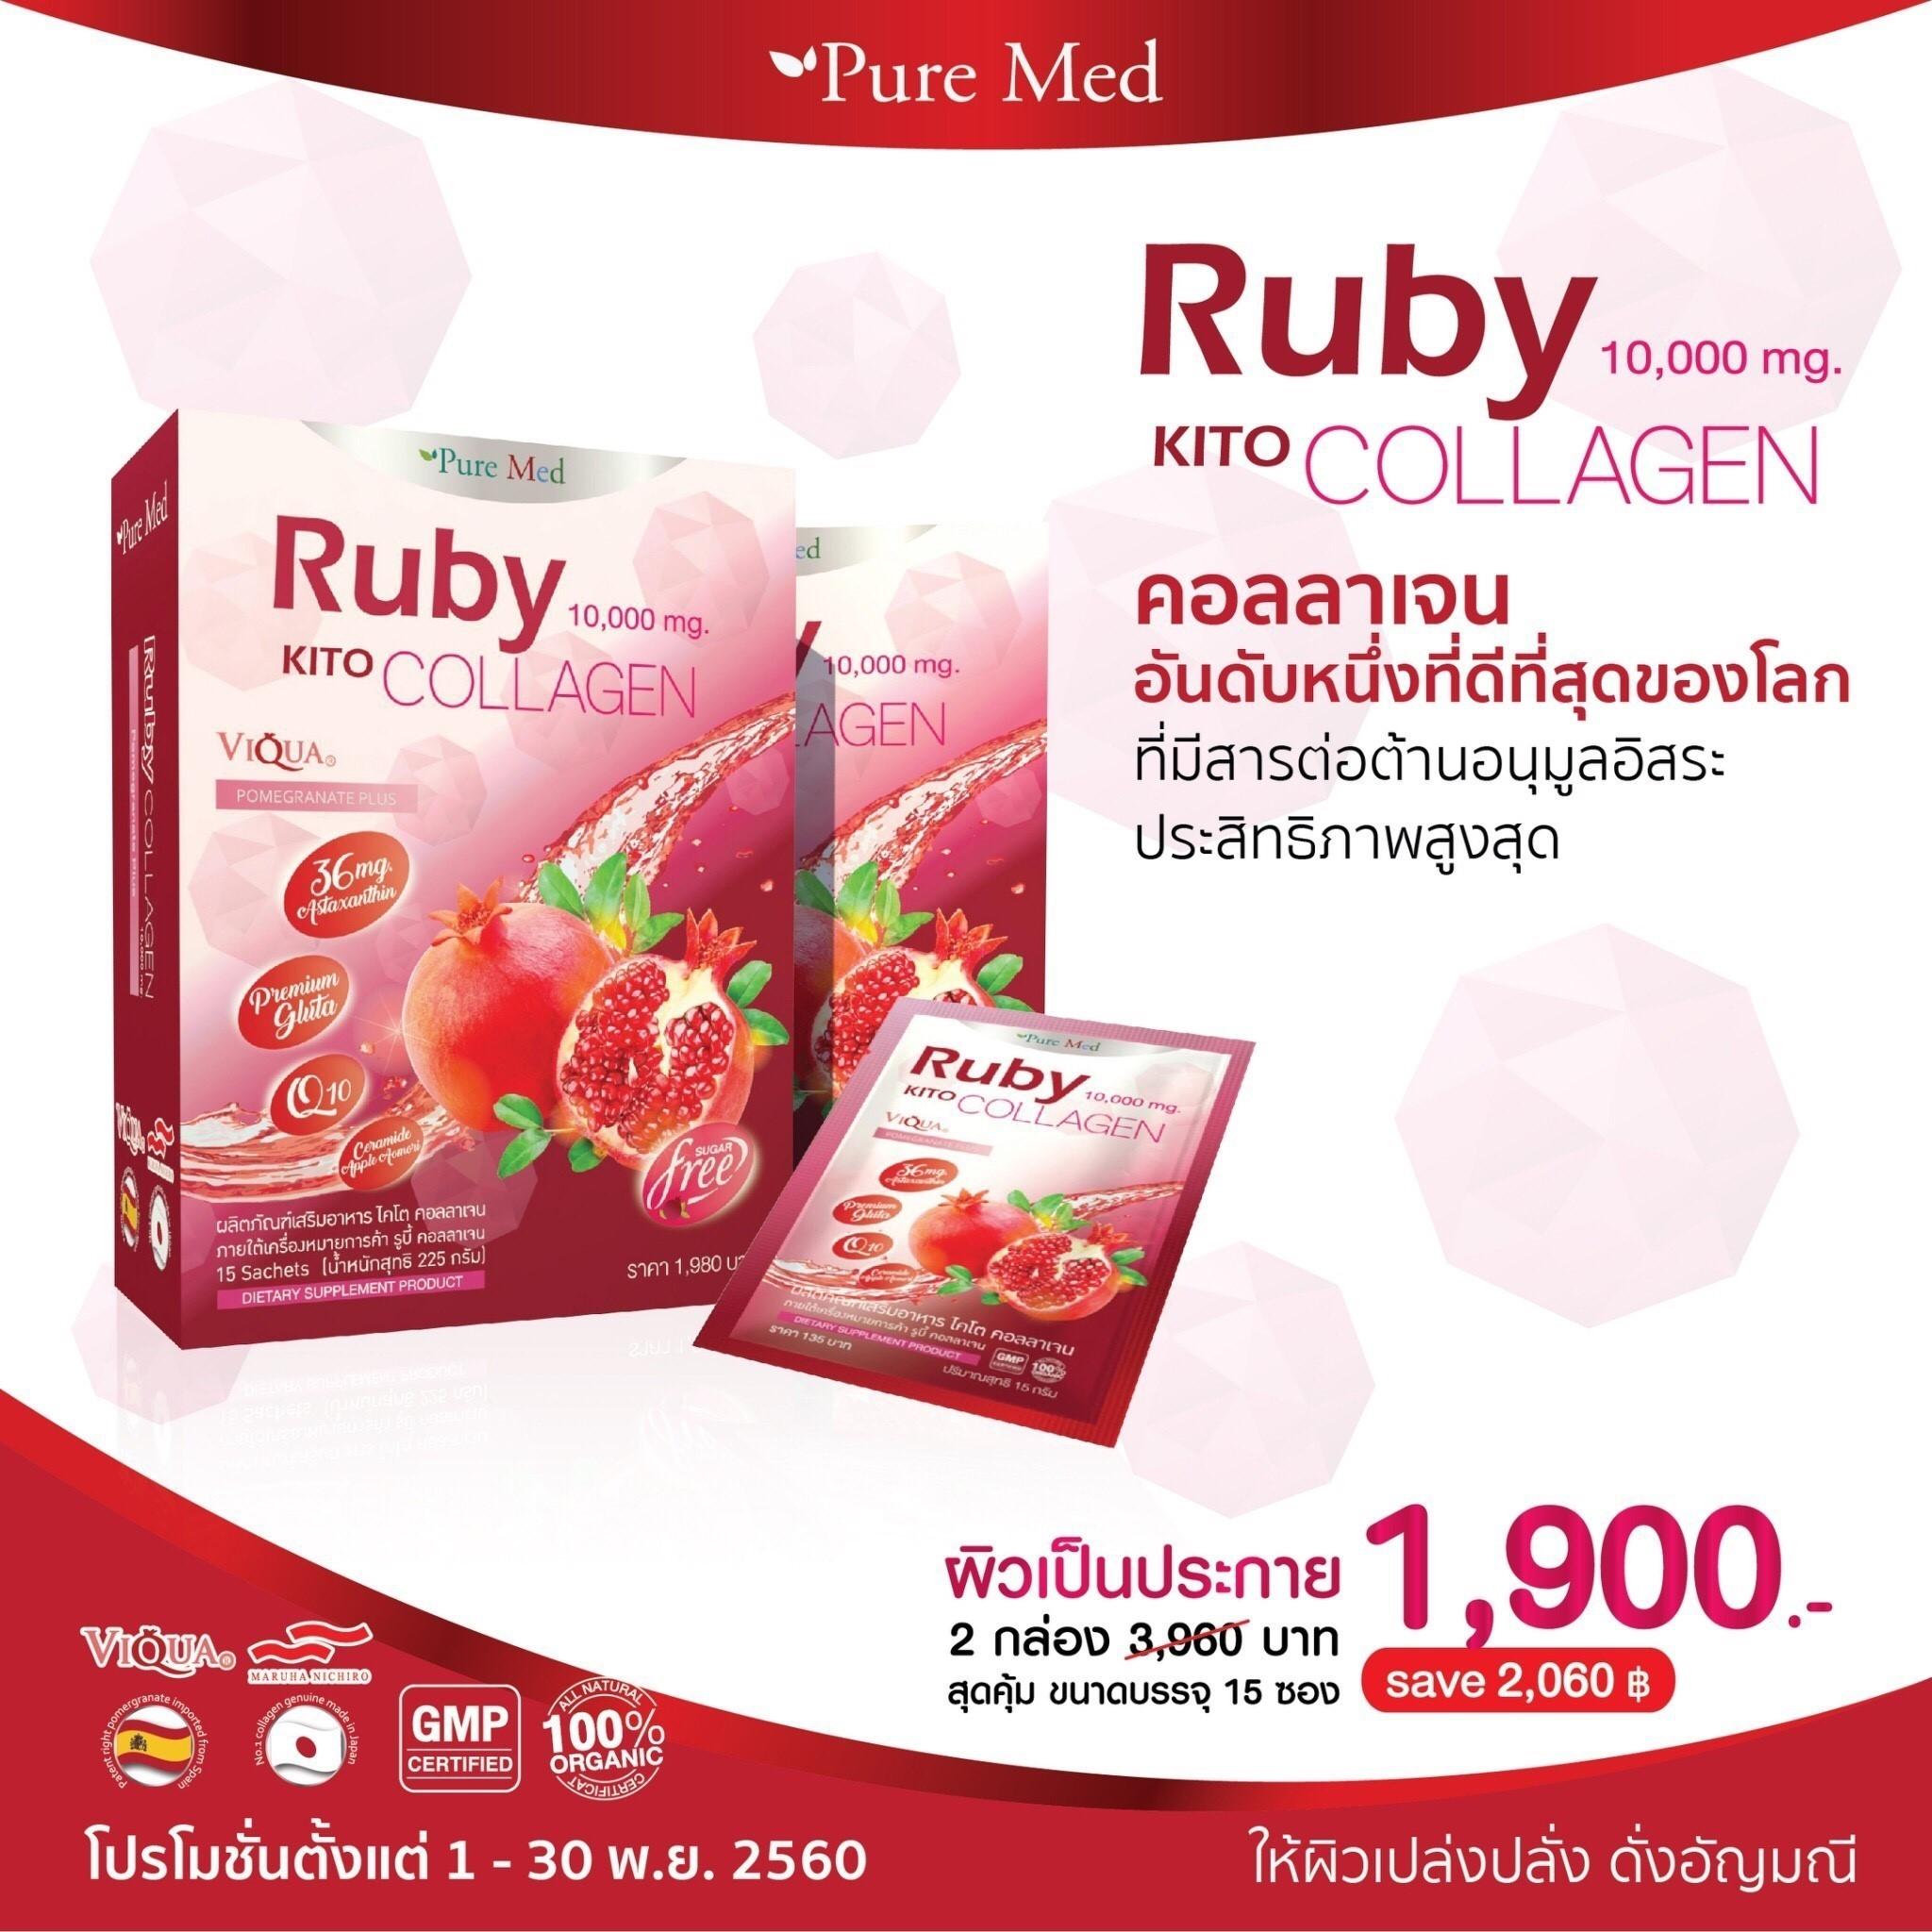 ruby kito collagen 10,000 mg. 2 กล่อง